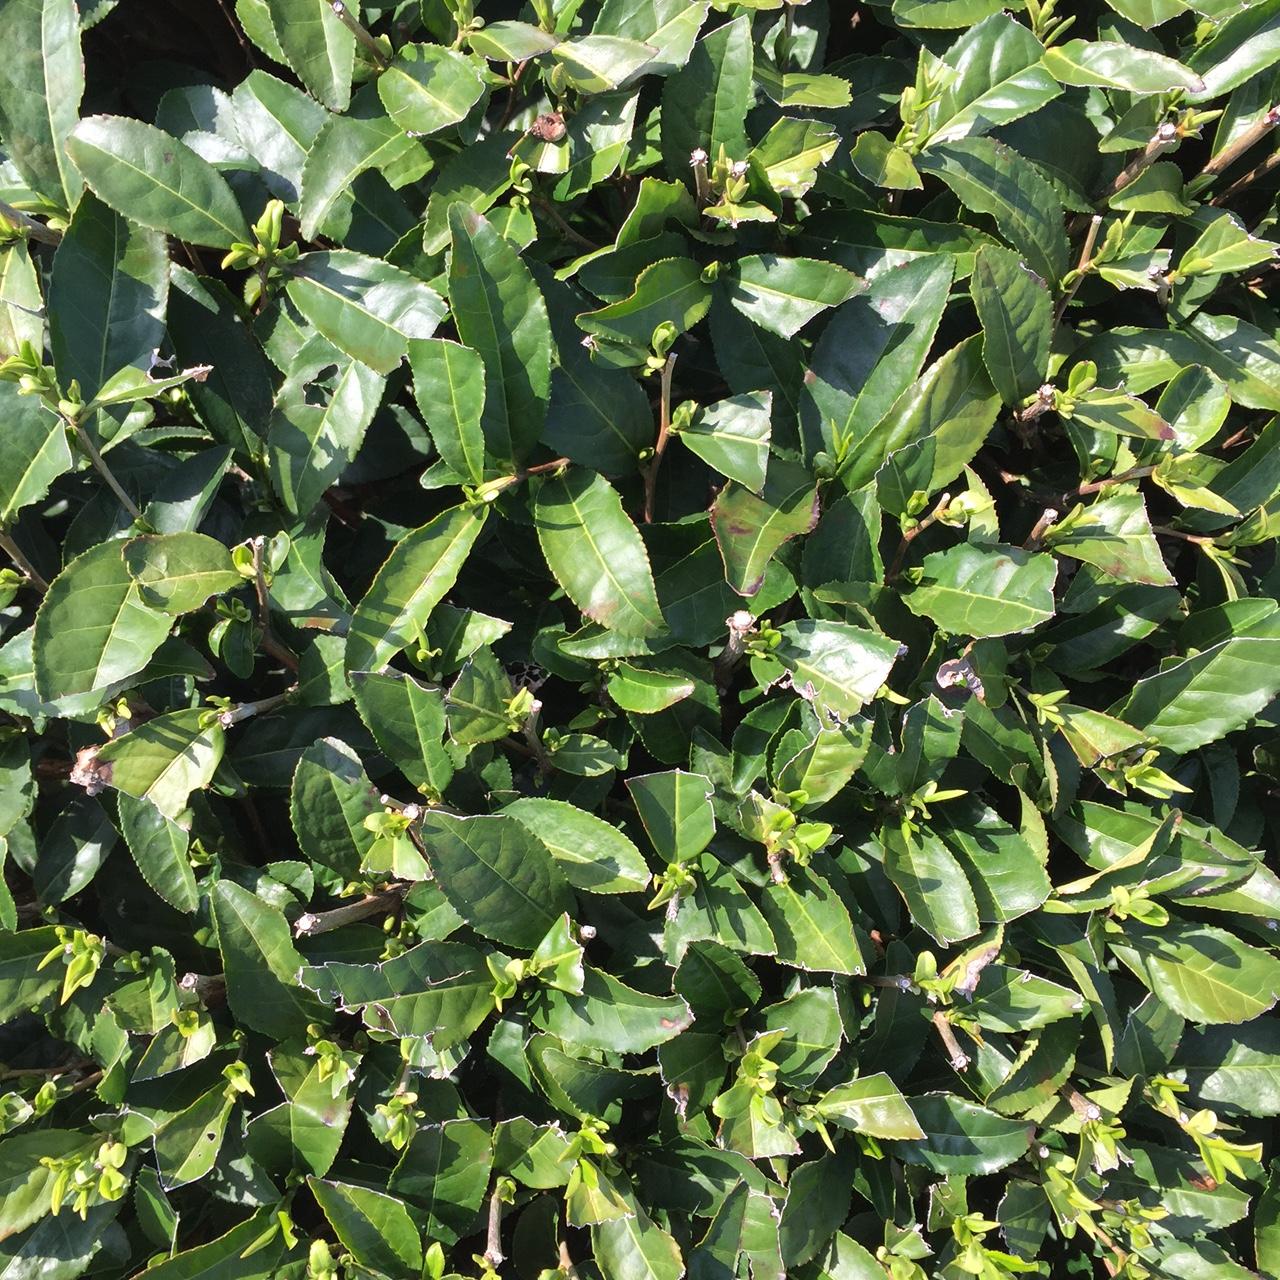 2017年4月12日かごしま緑茶の茶園風景です。品種はヤブキタです。小さな新芽が顔を出しました。